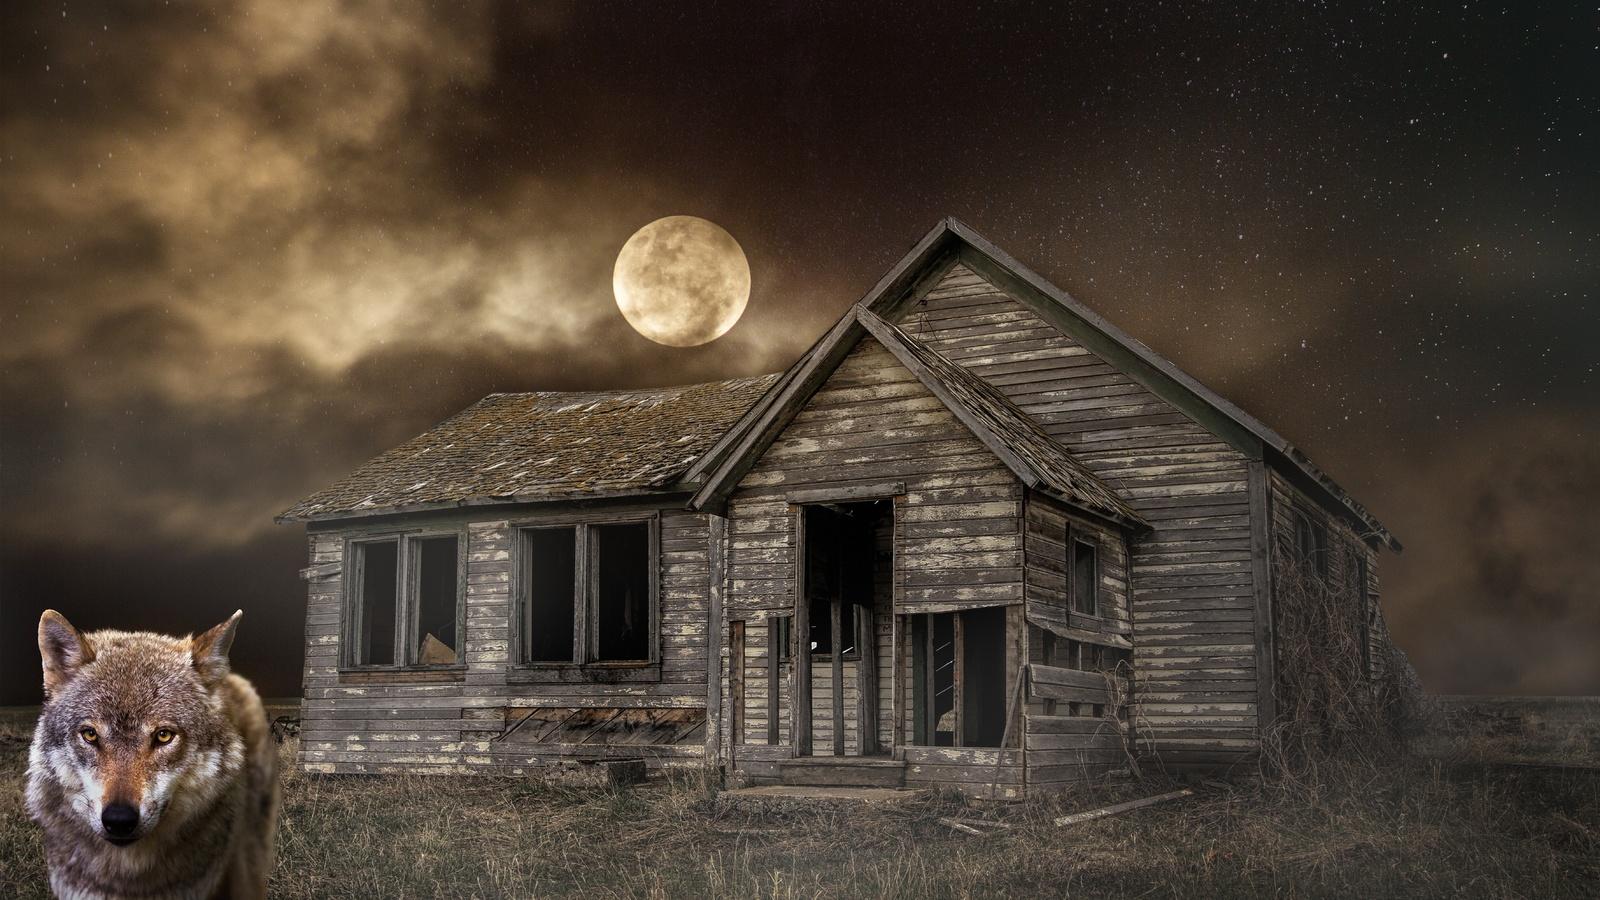 ночь, луна, дом, заброшенный., волк